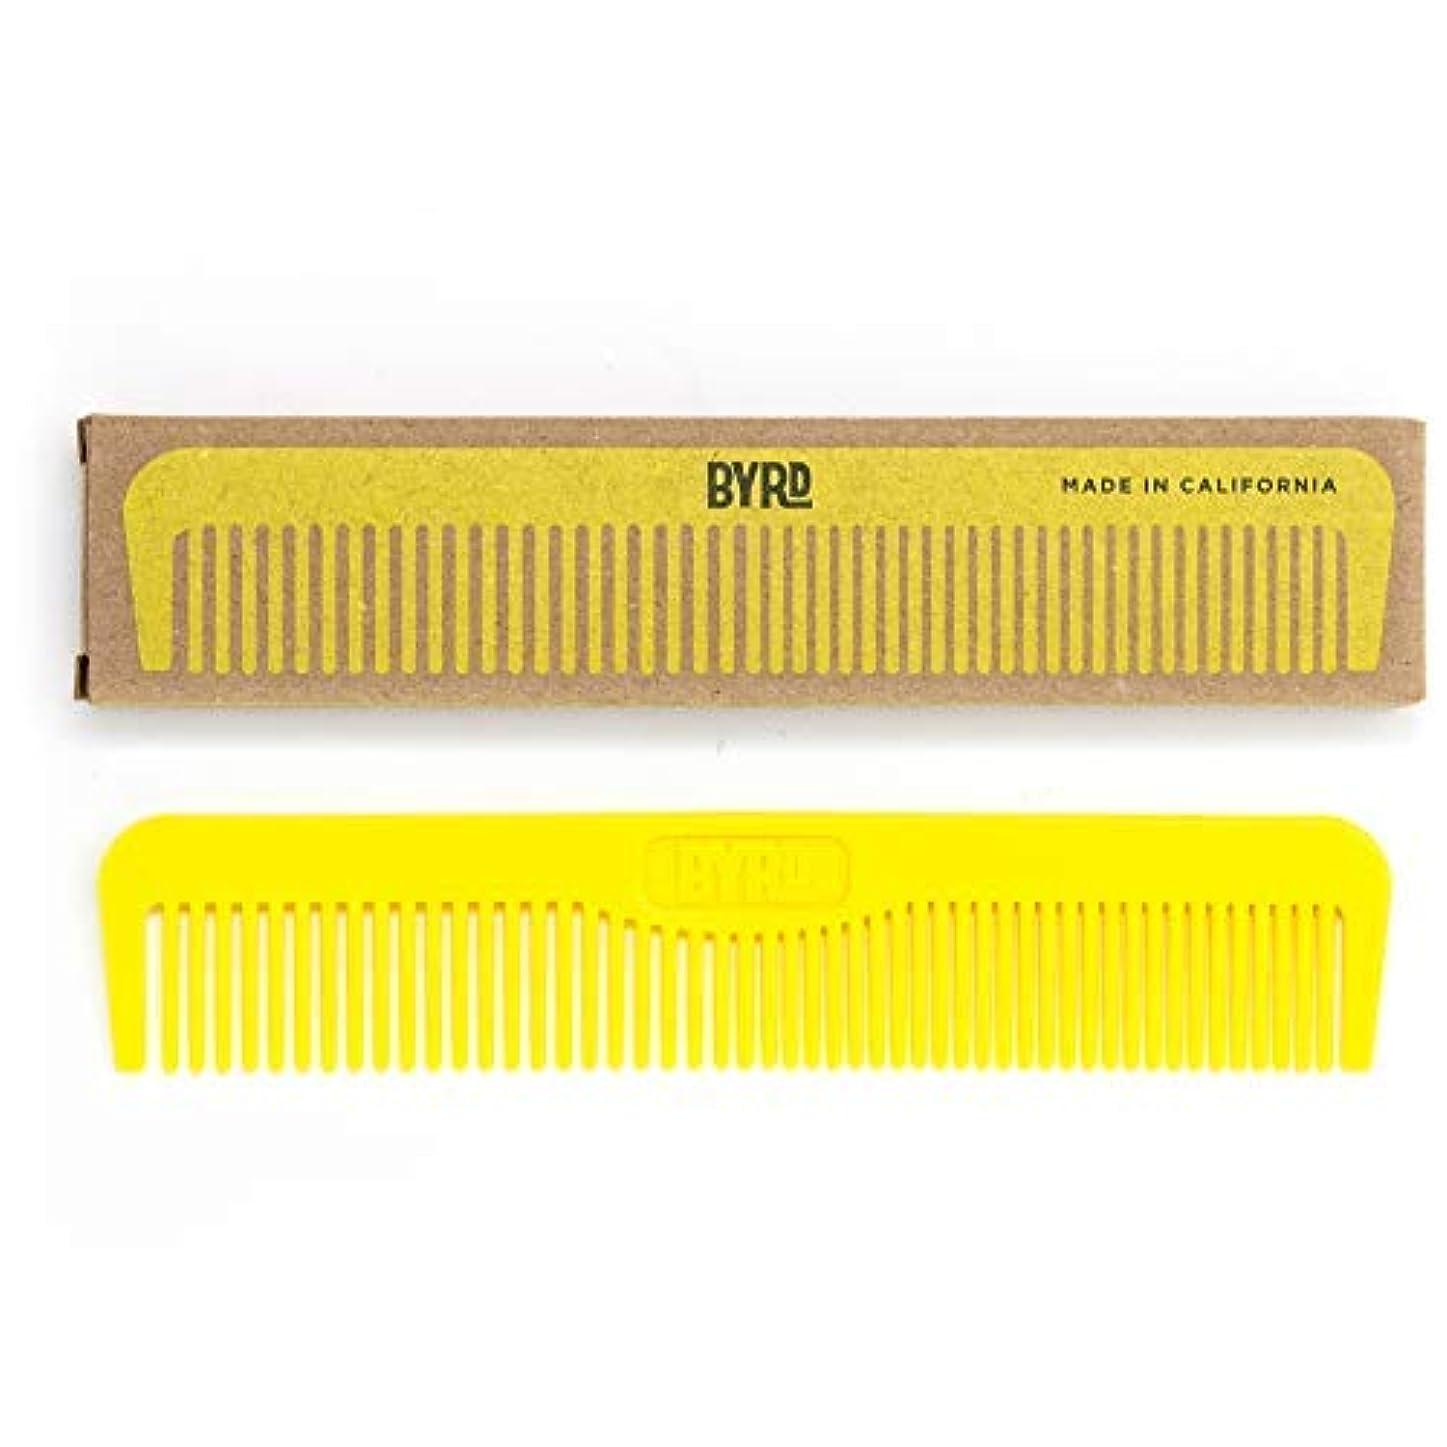 酔っ払い下着アルコールBYRD Pocket Comb - Durable, Flexible, Tangle Free, Styling Comb, For All Hair Types, Back Pocket Friendly [並行輸入品]